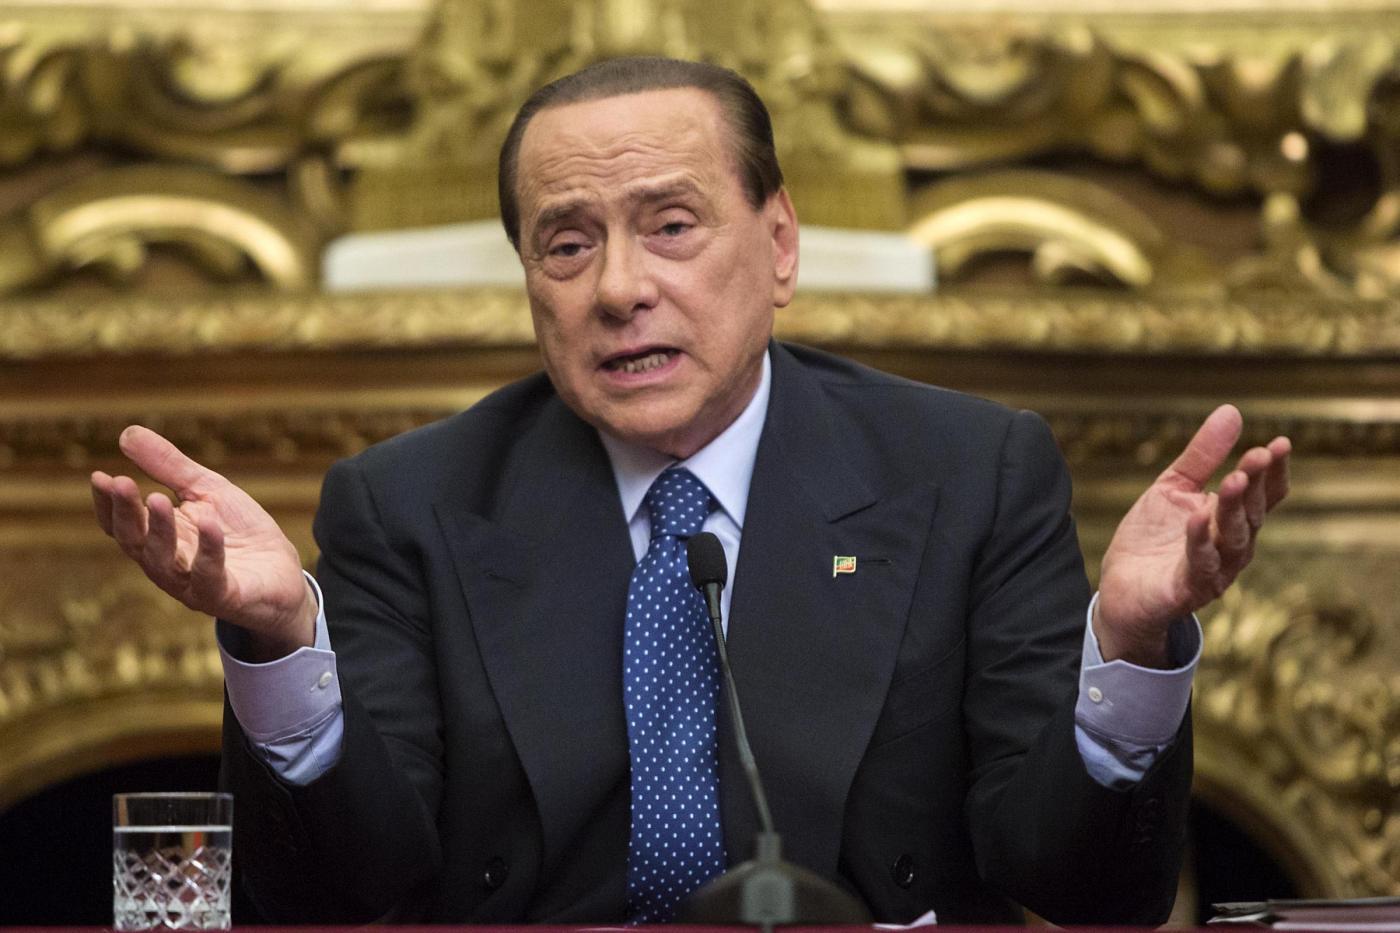 Uomini più influenti d'Italia negli ultimi 25 anni: pubblicata la classifica